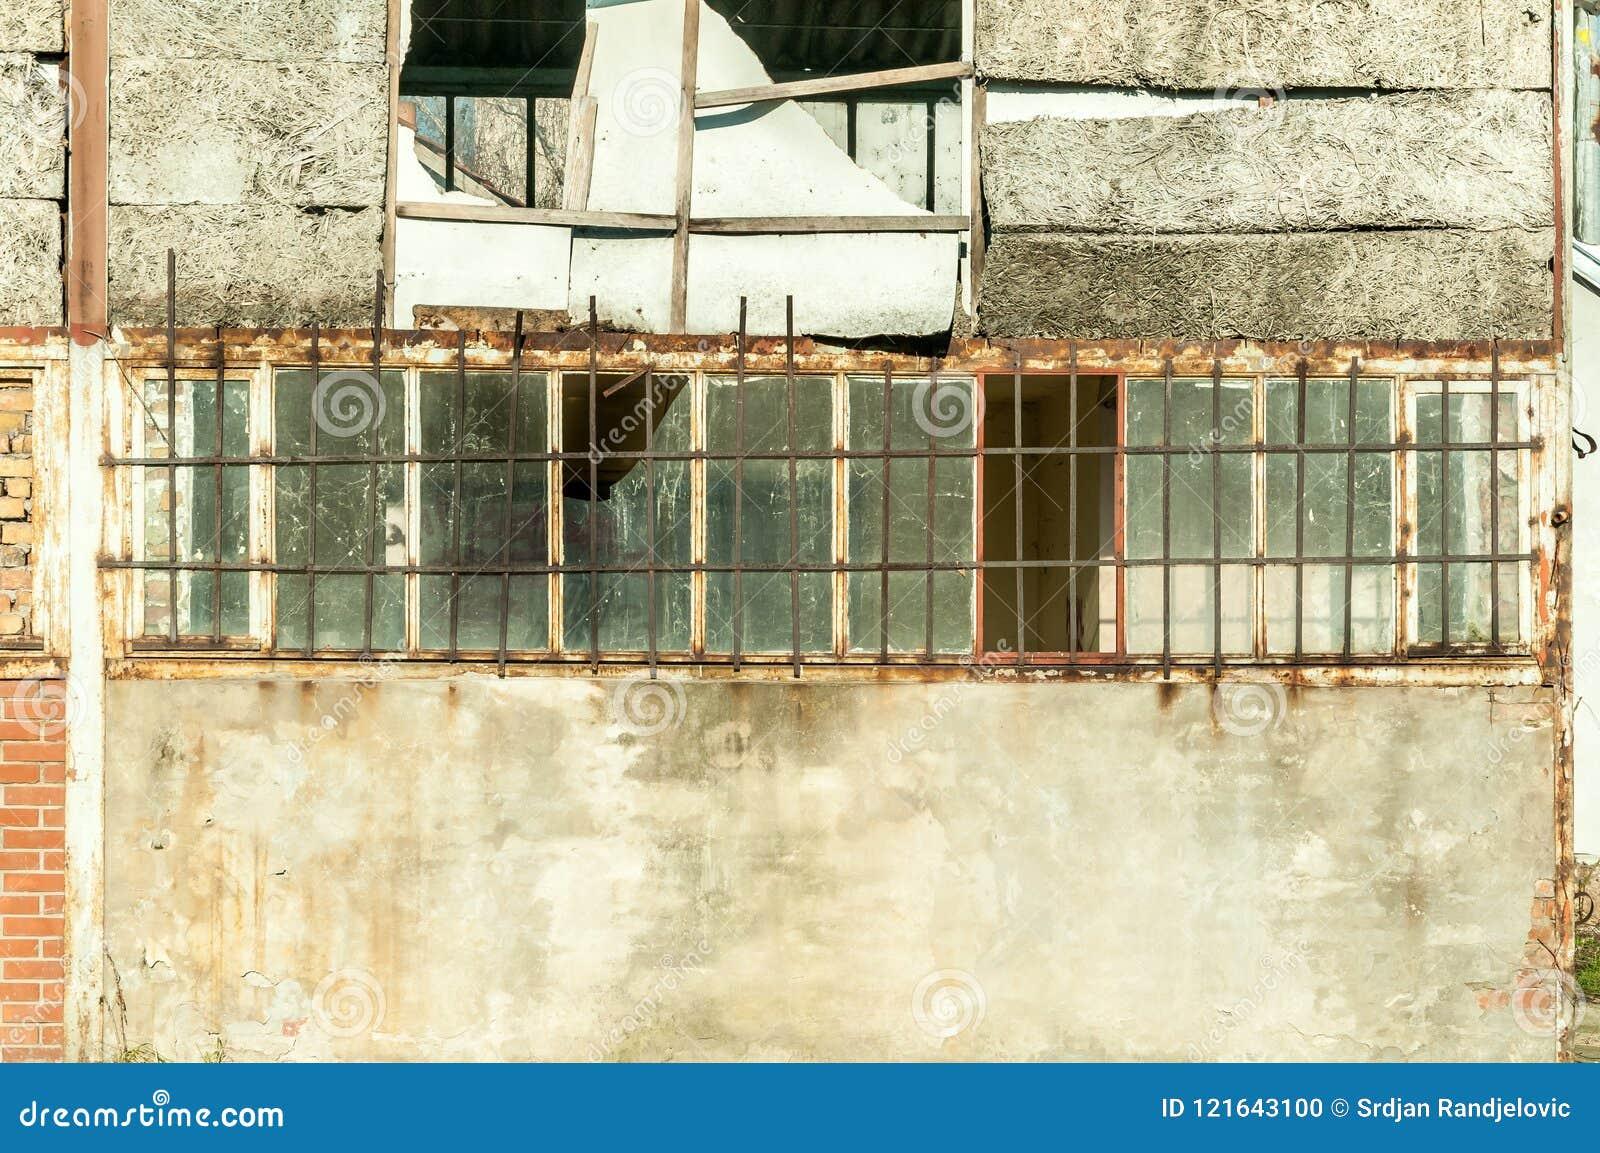 Petite maison près du bâtiment avec la porte endommagée et des murs avec des trous de balle utilisés en tant que prison cachée im